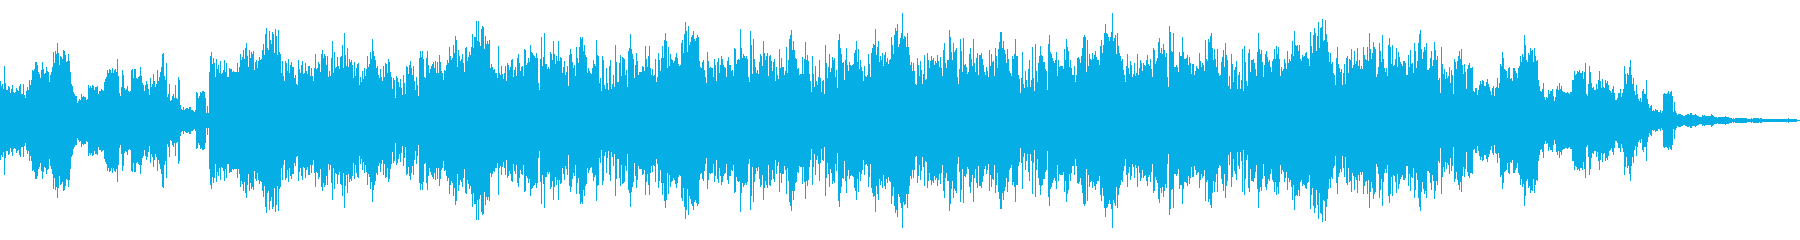 サーキットベントの不思議なIDMの再生済みの波形